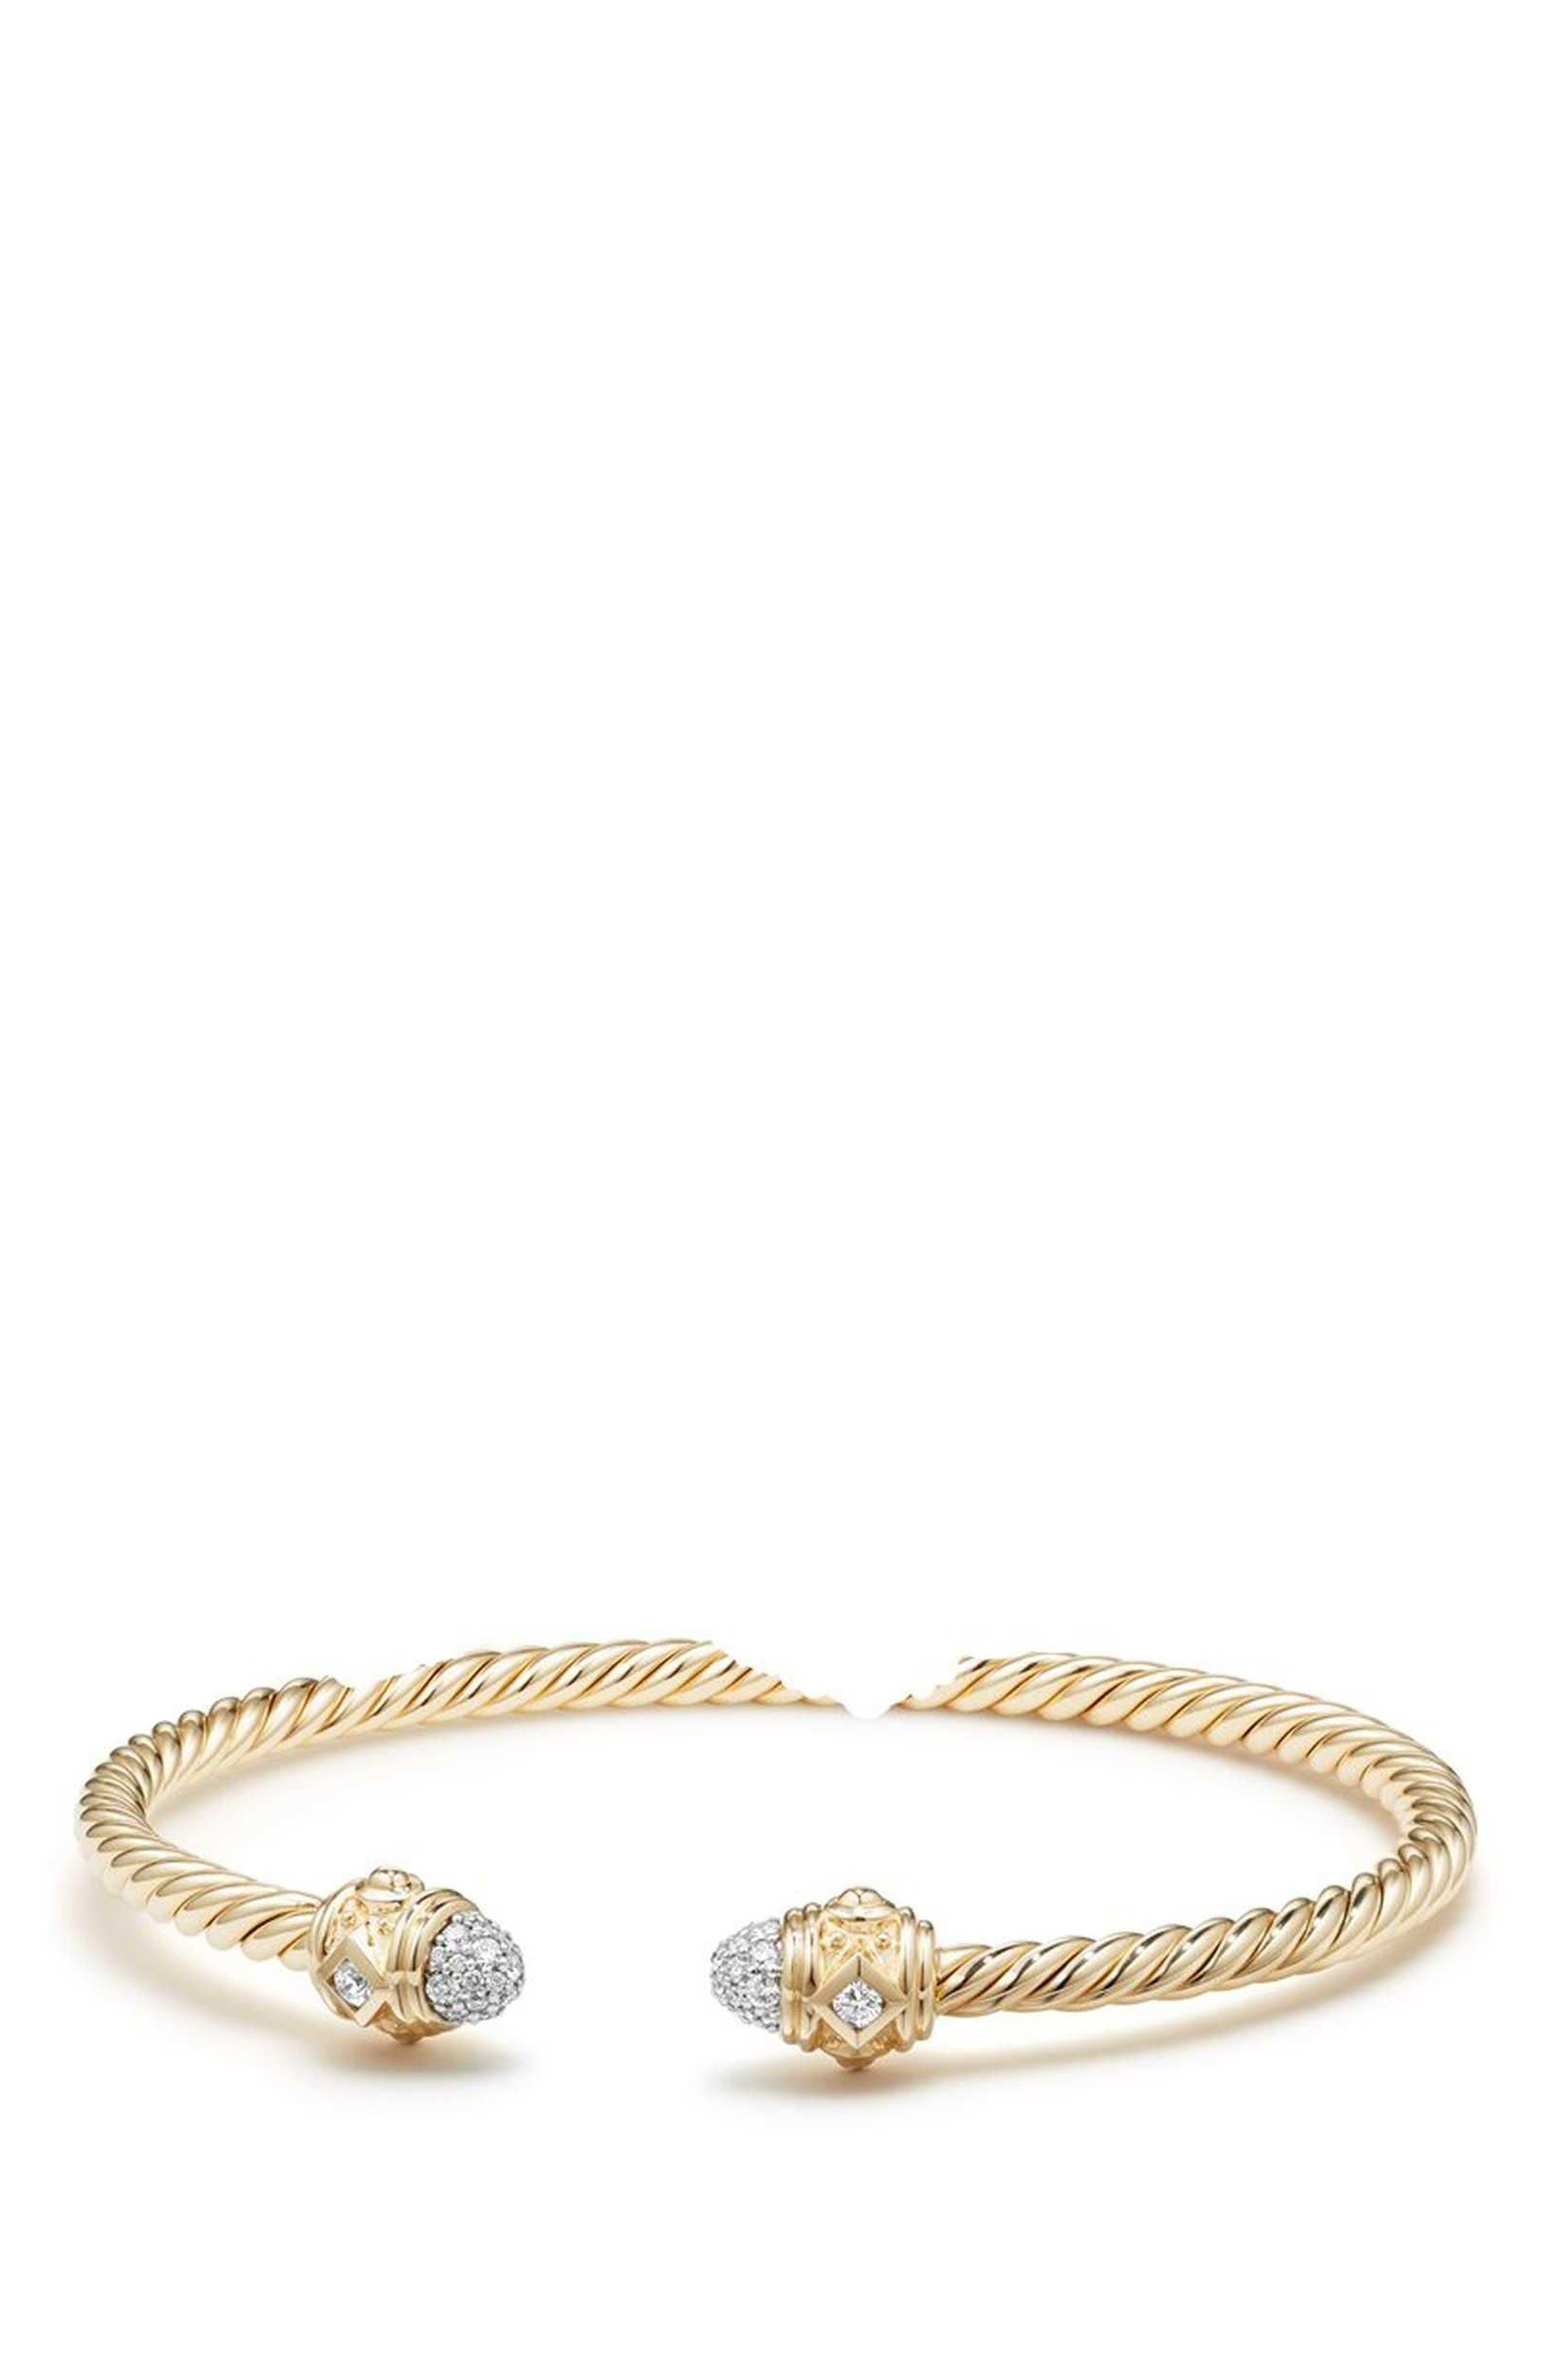 Renaissance 18k Gold Bracelet with Diamonds,                             Main thumbnail 1, color,                             GOLD/ DIAMOND